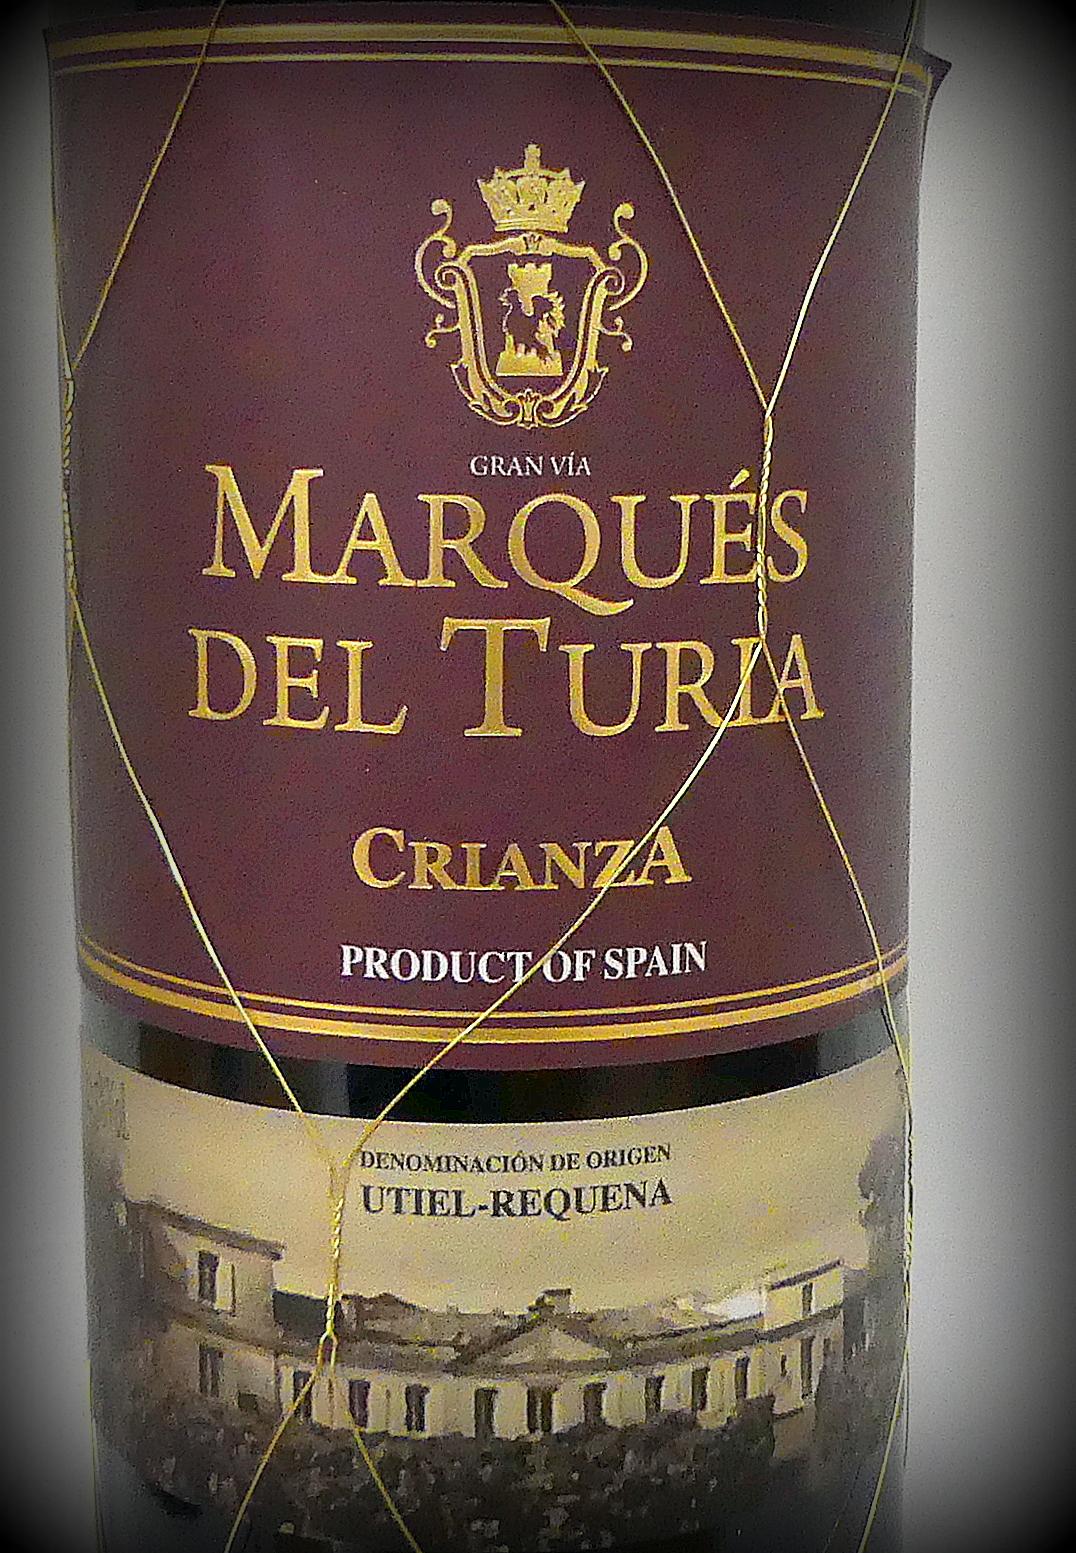 Marqués del Turia